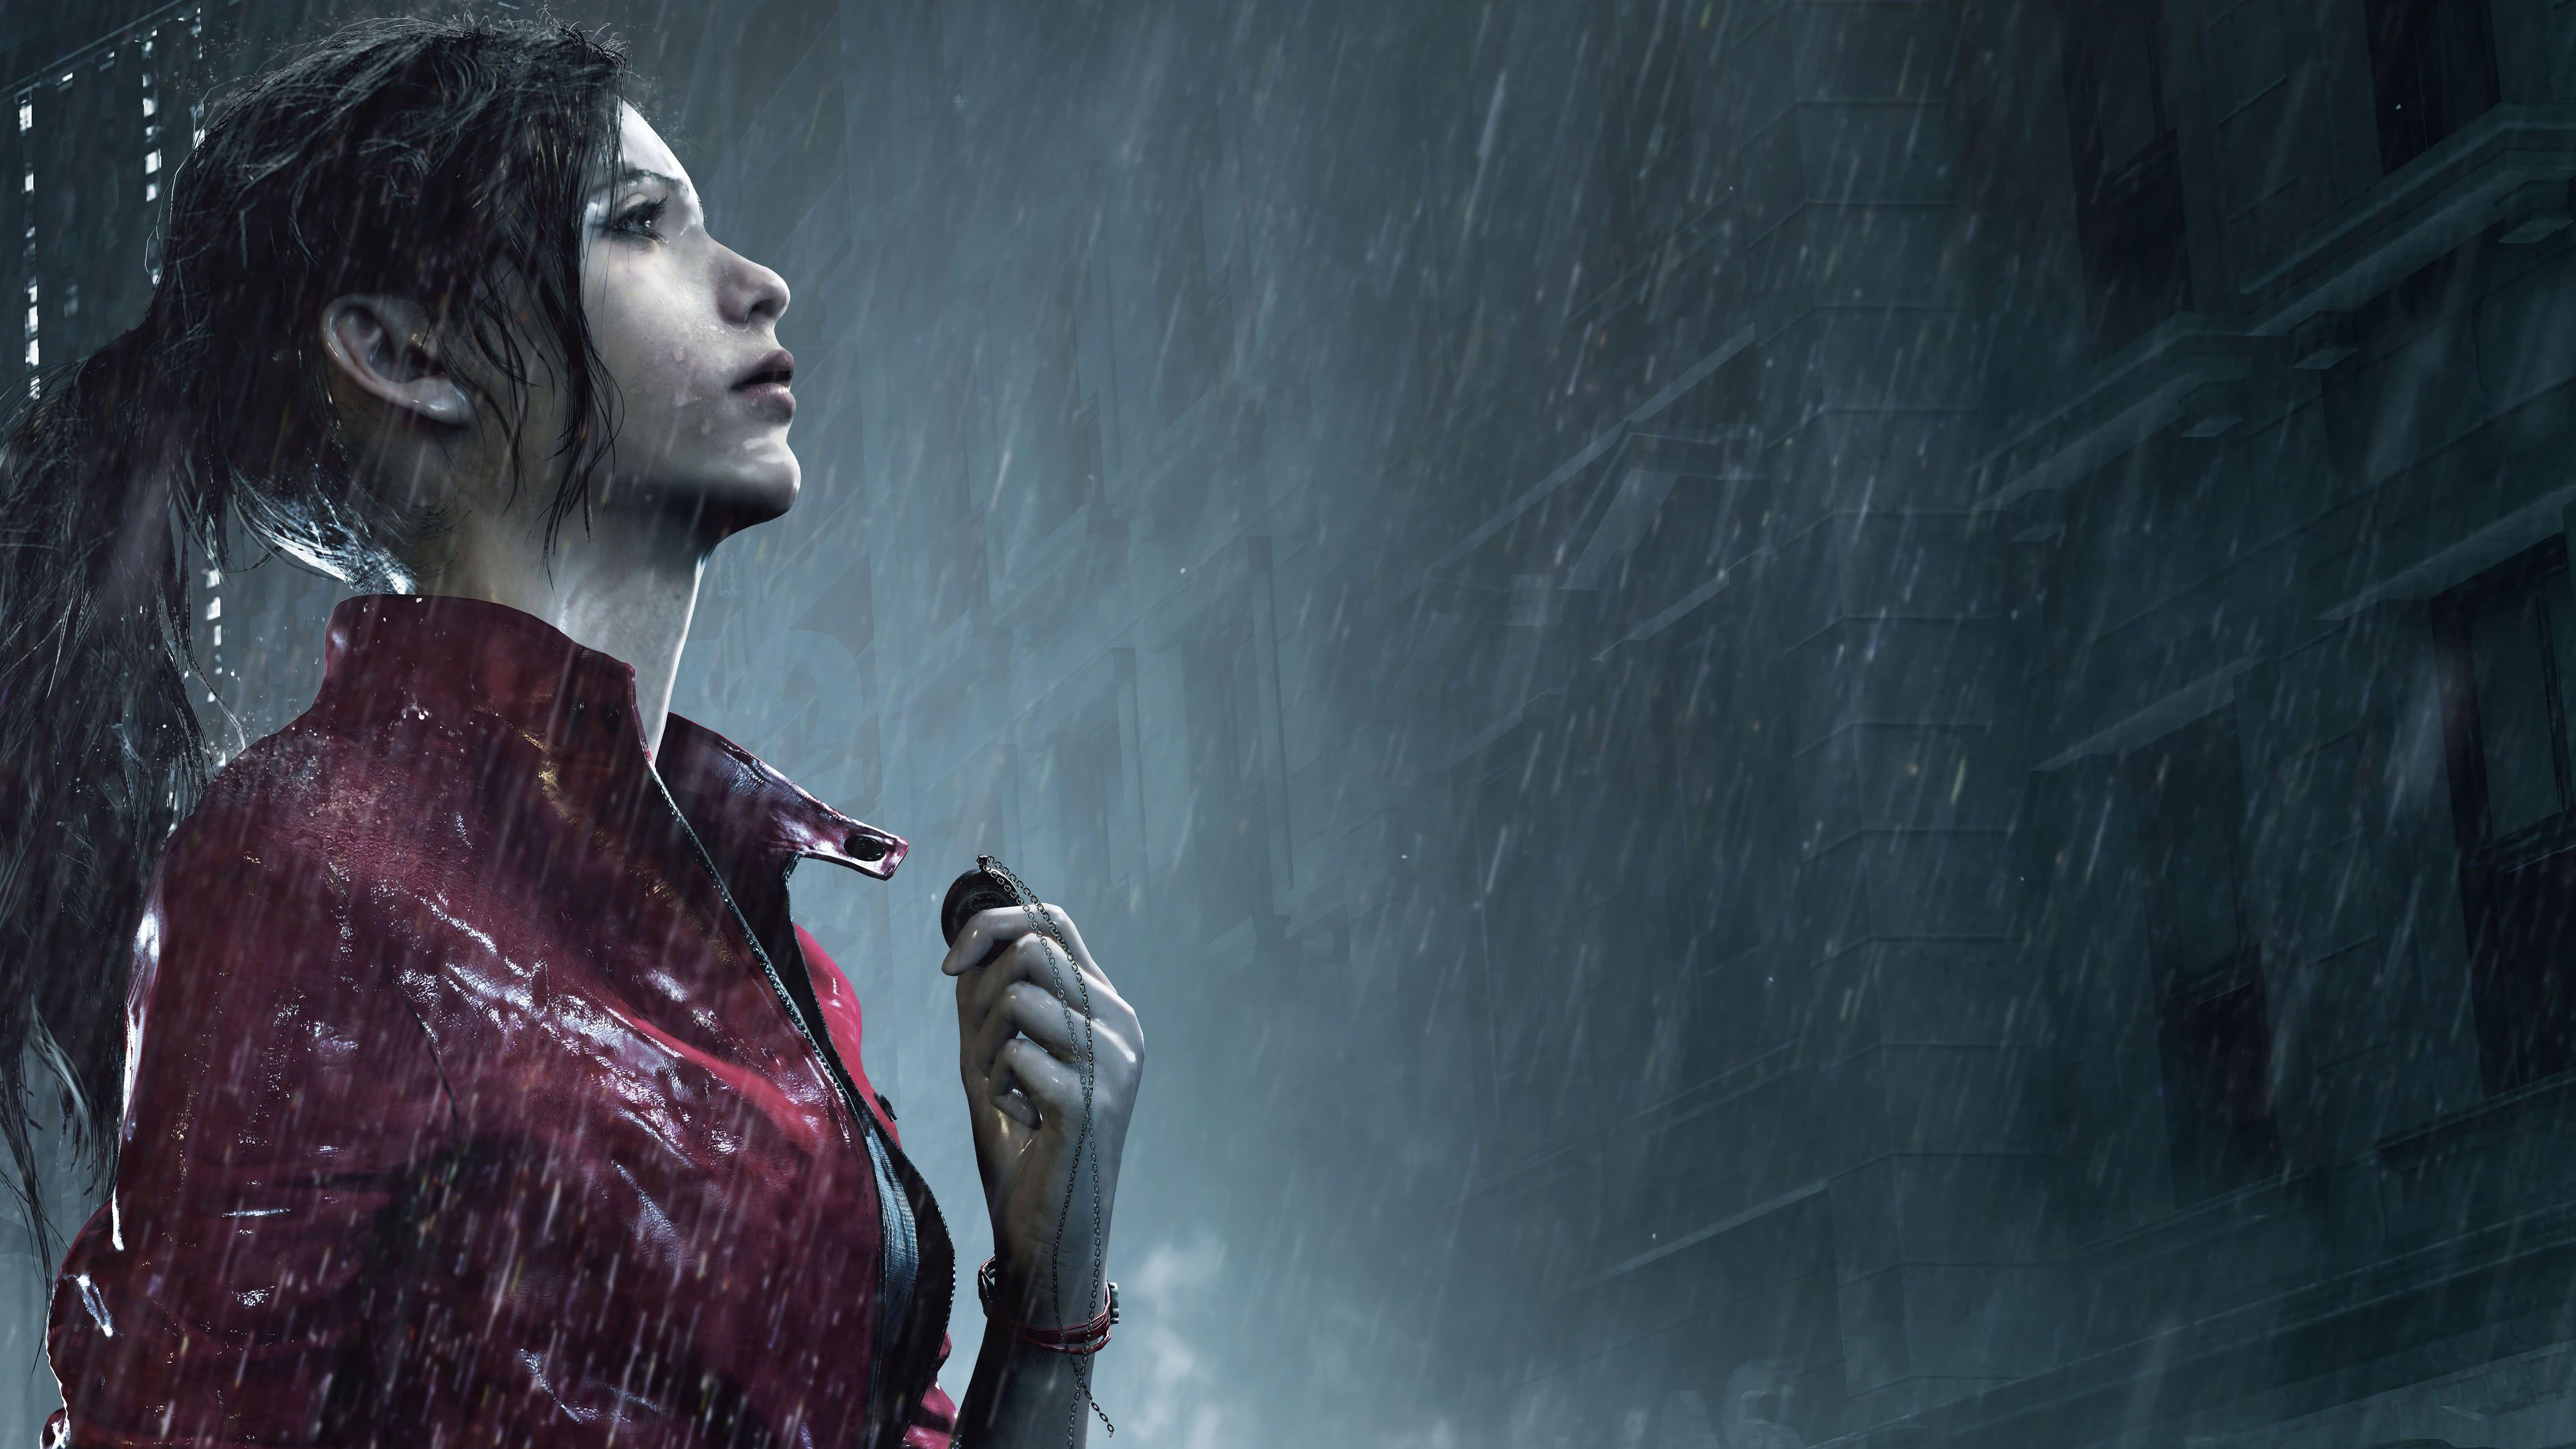 Resident Evil 2 Remake Resident Evil Video Games Dark Hair Video Game Heroes Rain 8k Wallpaper Hdwallpape Resident Evil 2 Remake Resident Evil 8k Wallpaper